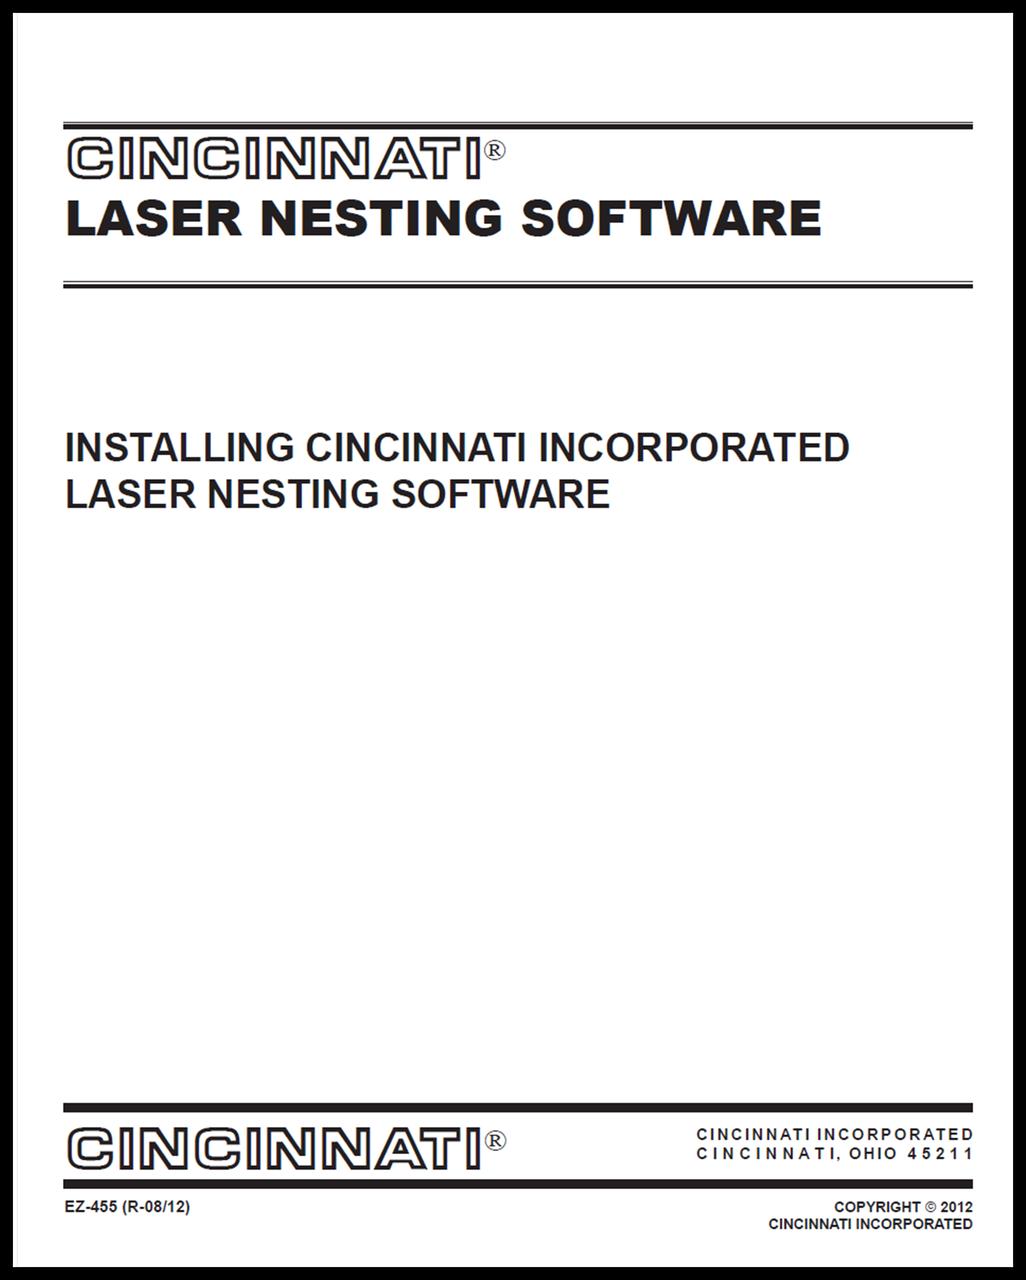 EZ-455 (R-08-12) Installing Laser Nesting Software